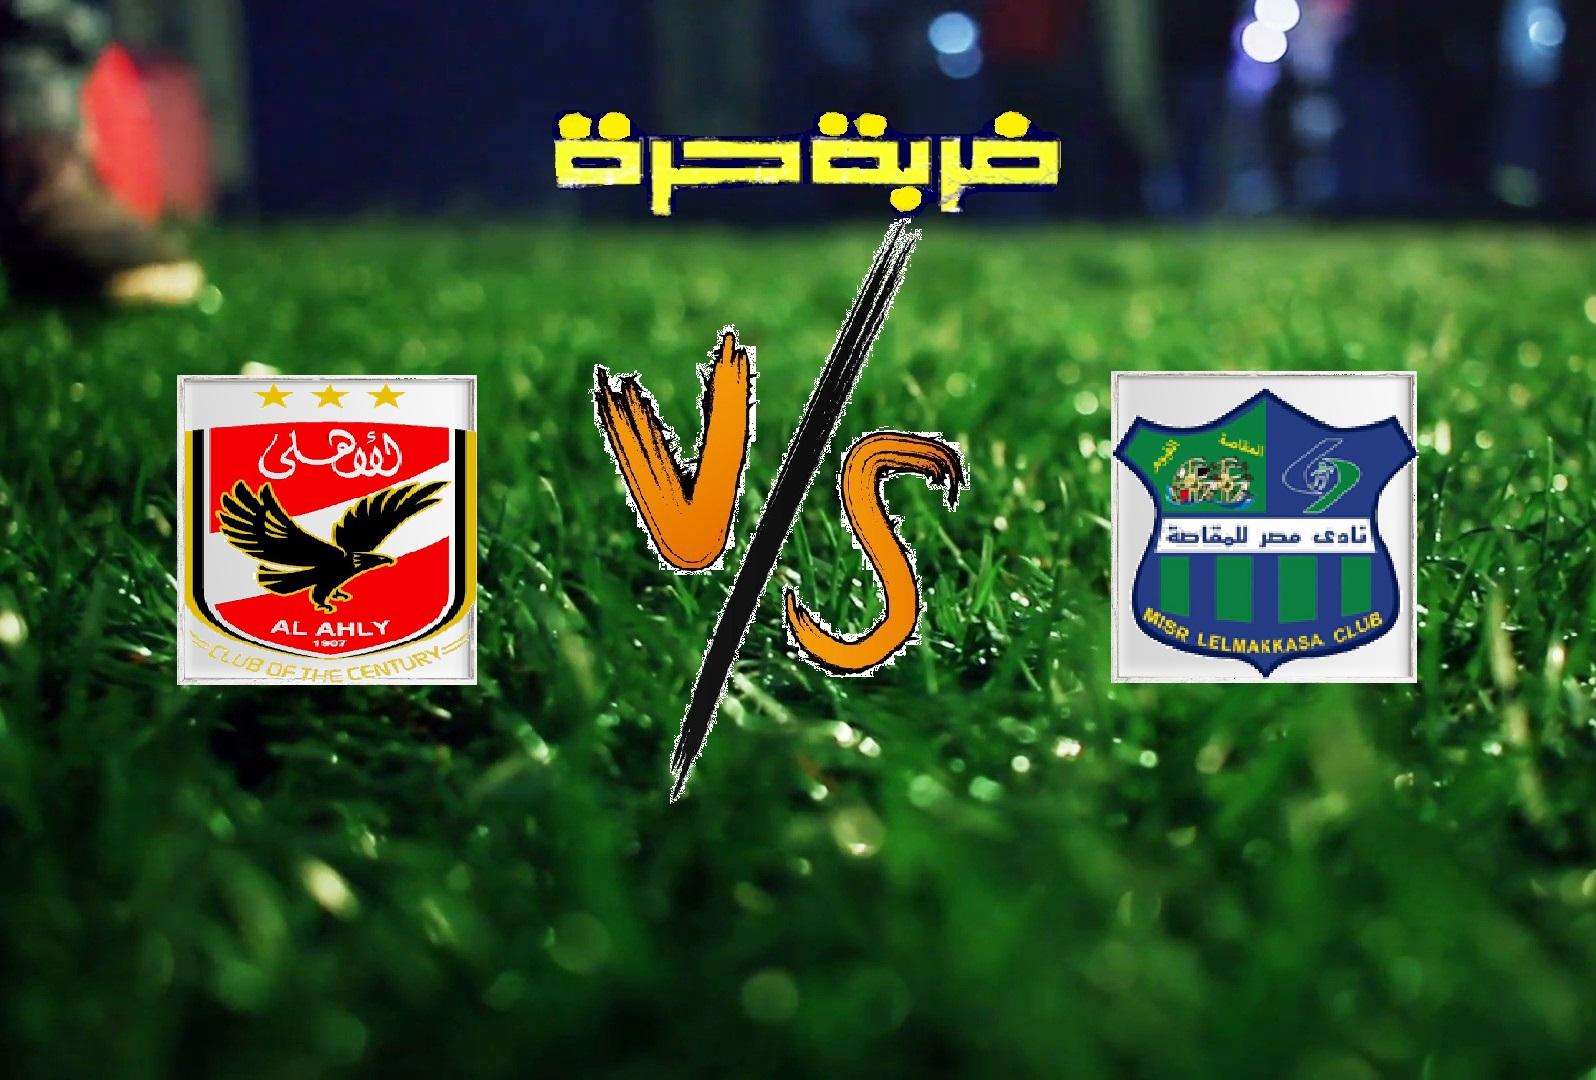 ملخص مباراة الاهلي ومصر المقاصة اليوم الاربعاء بتاريخ 10-04-2019 الدوري المصري